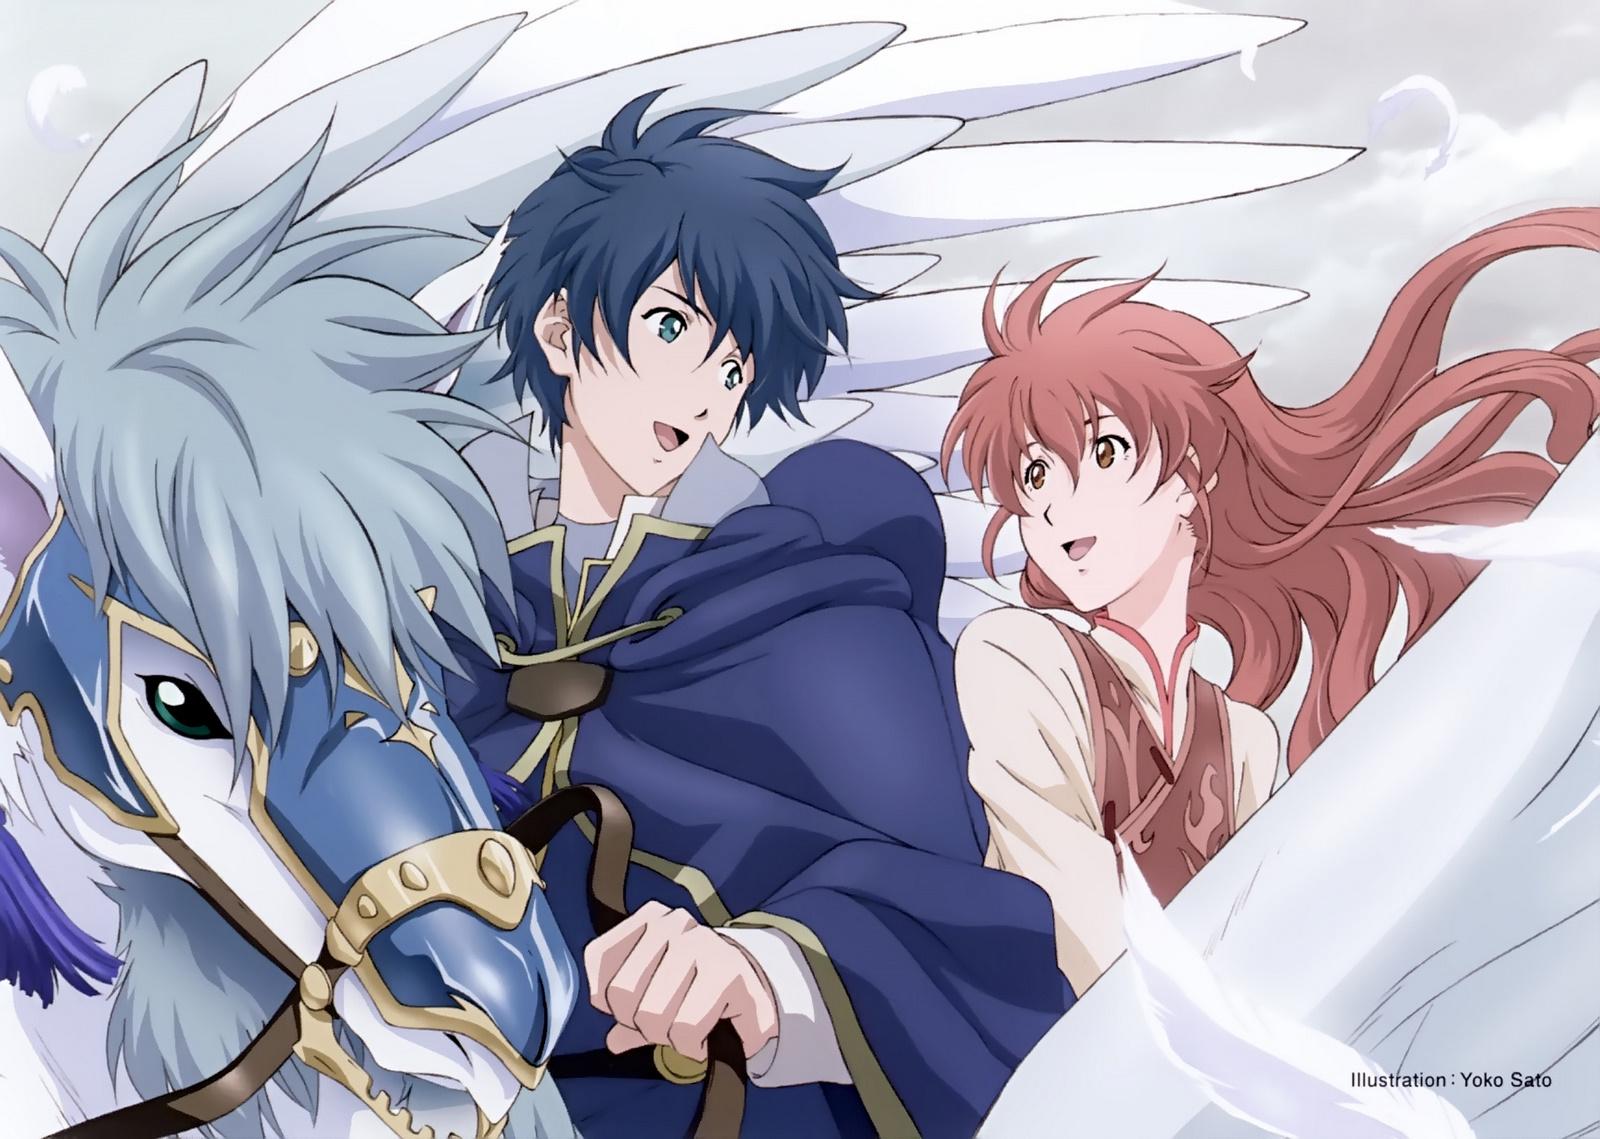 Walau Karakter Dan Referensi Anime